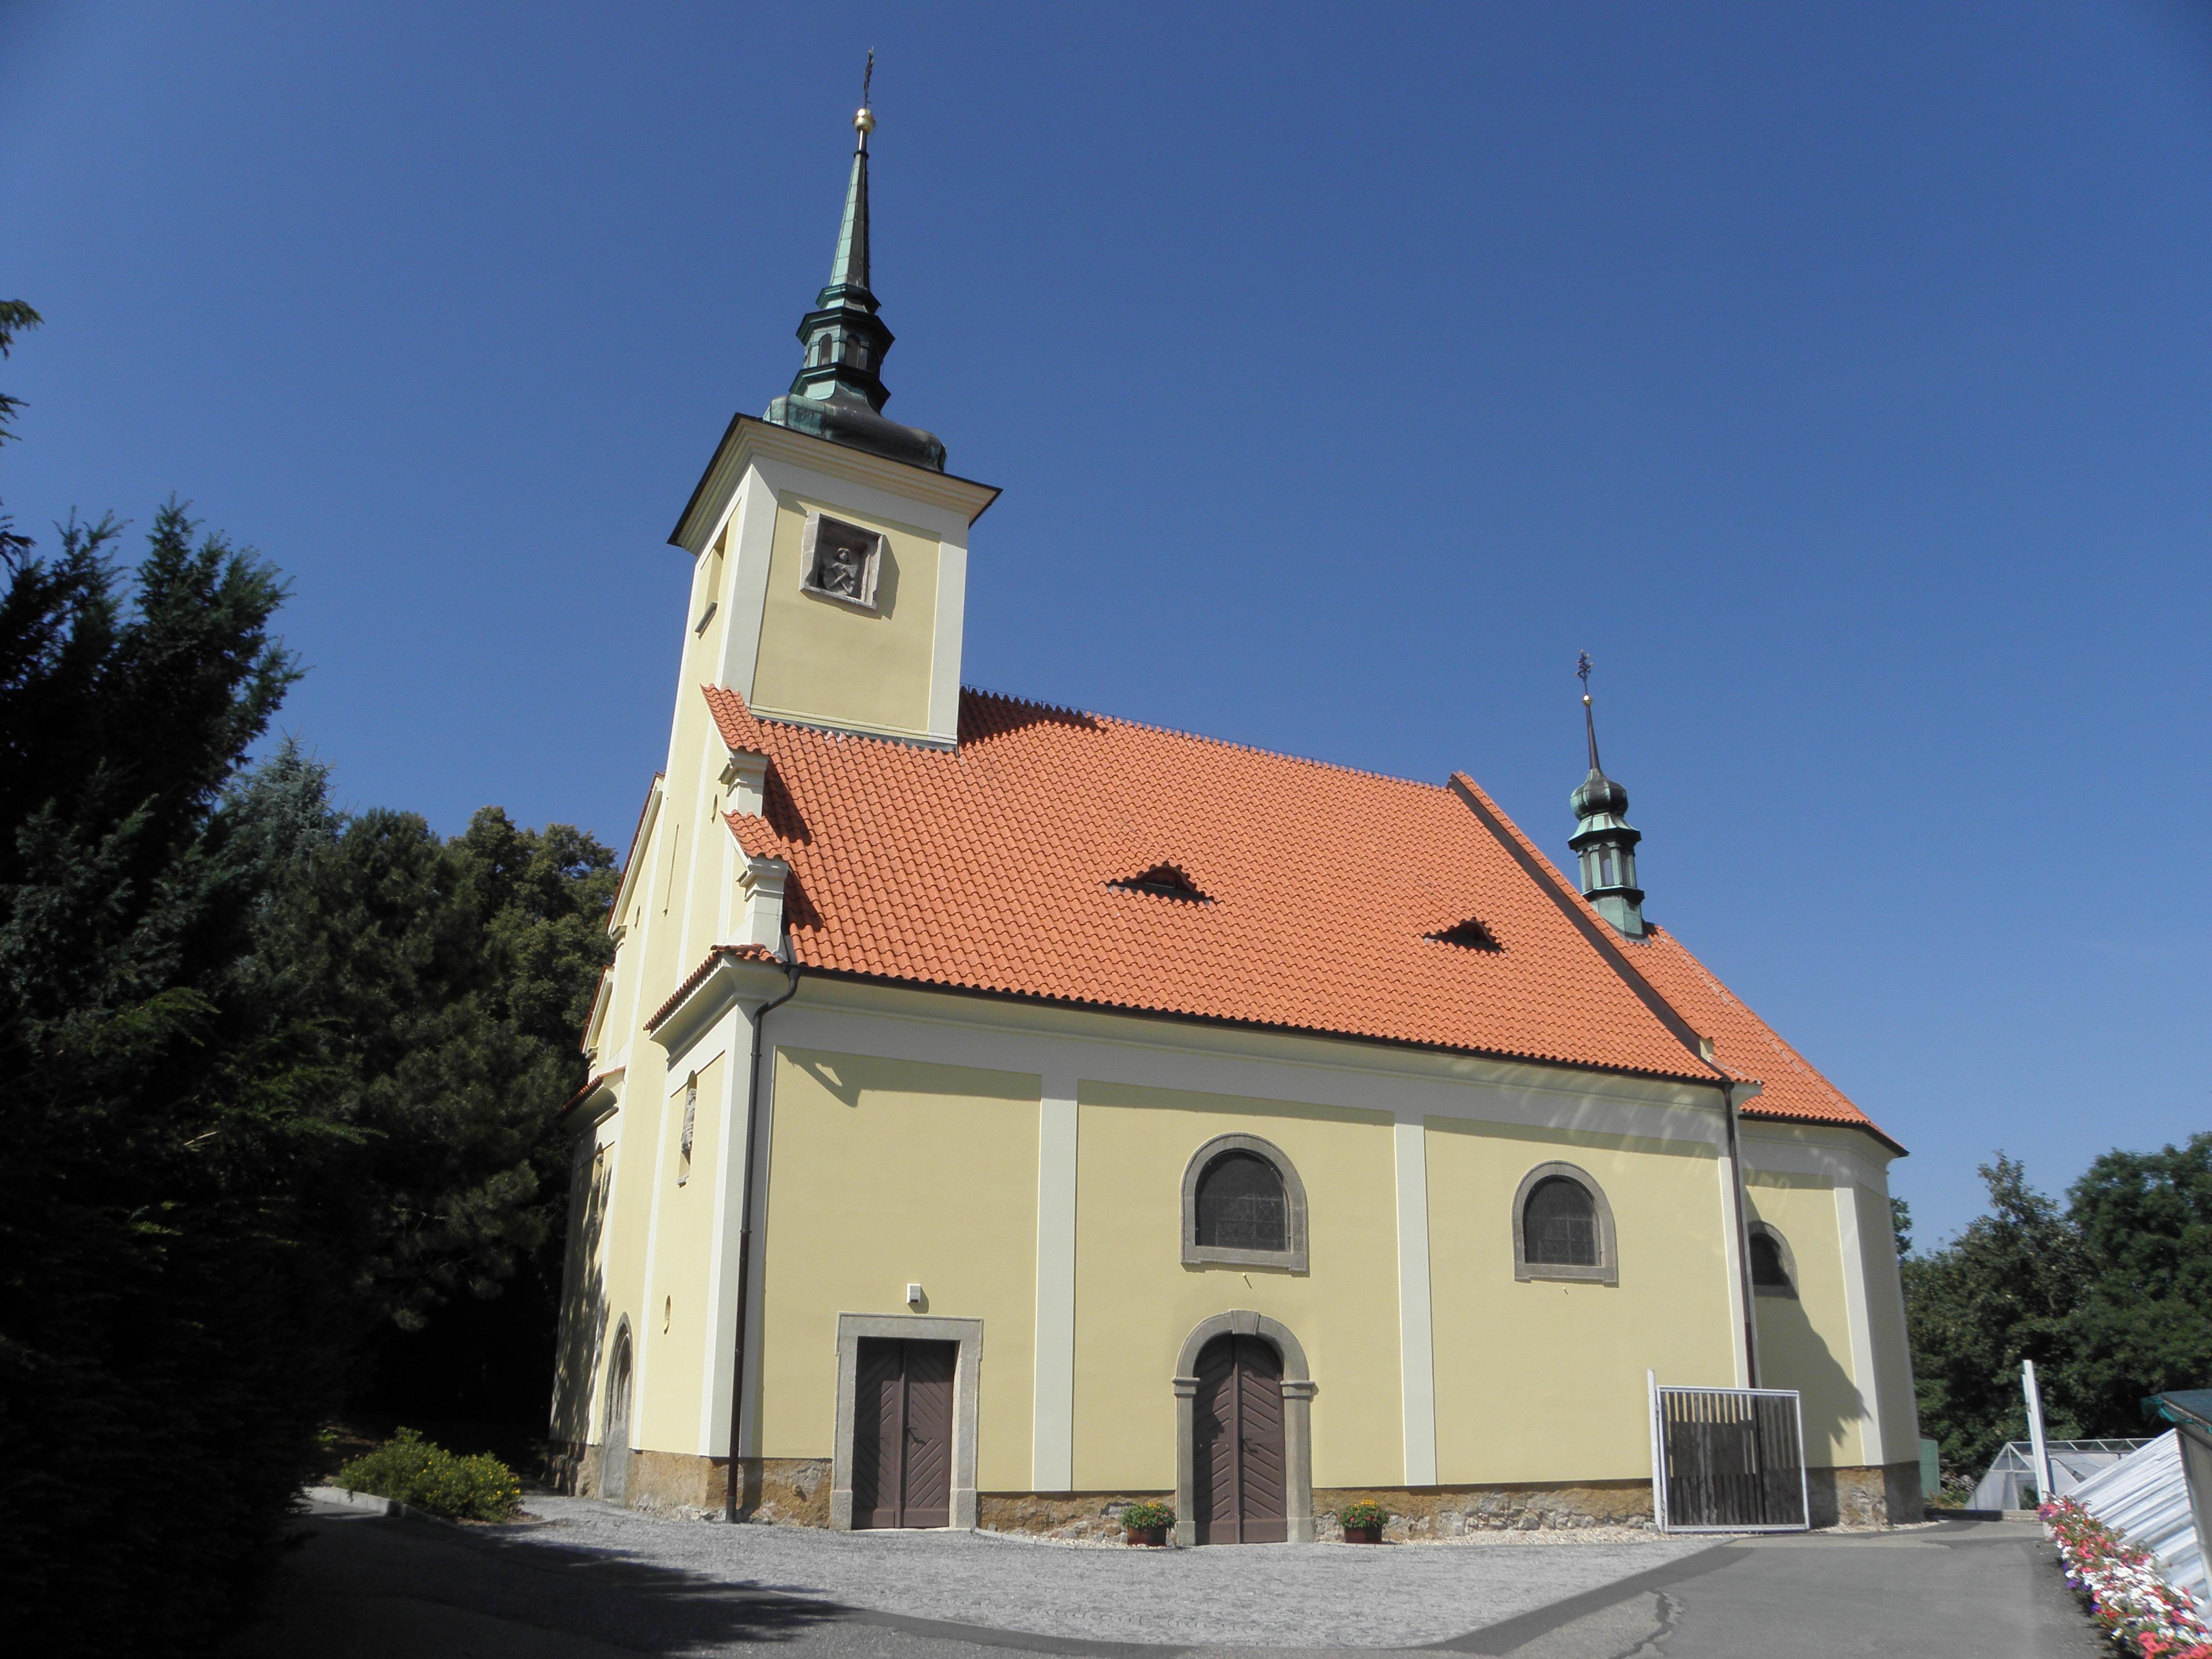 6908-kostel-vsech-svatych-5.jpg